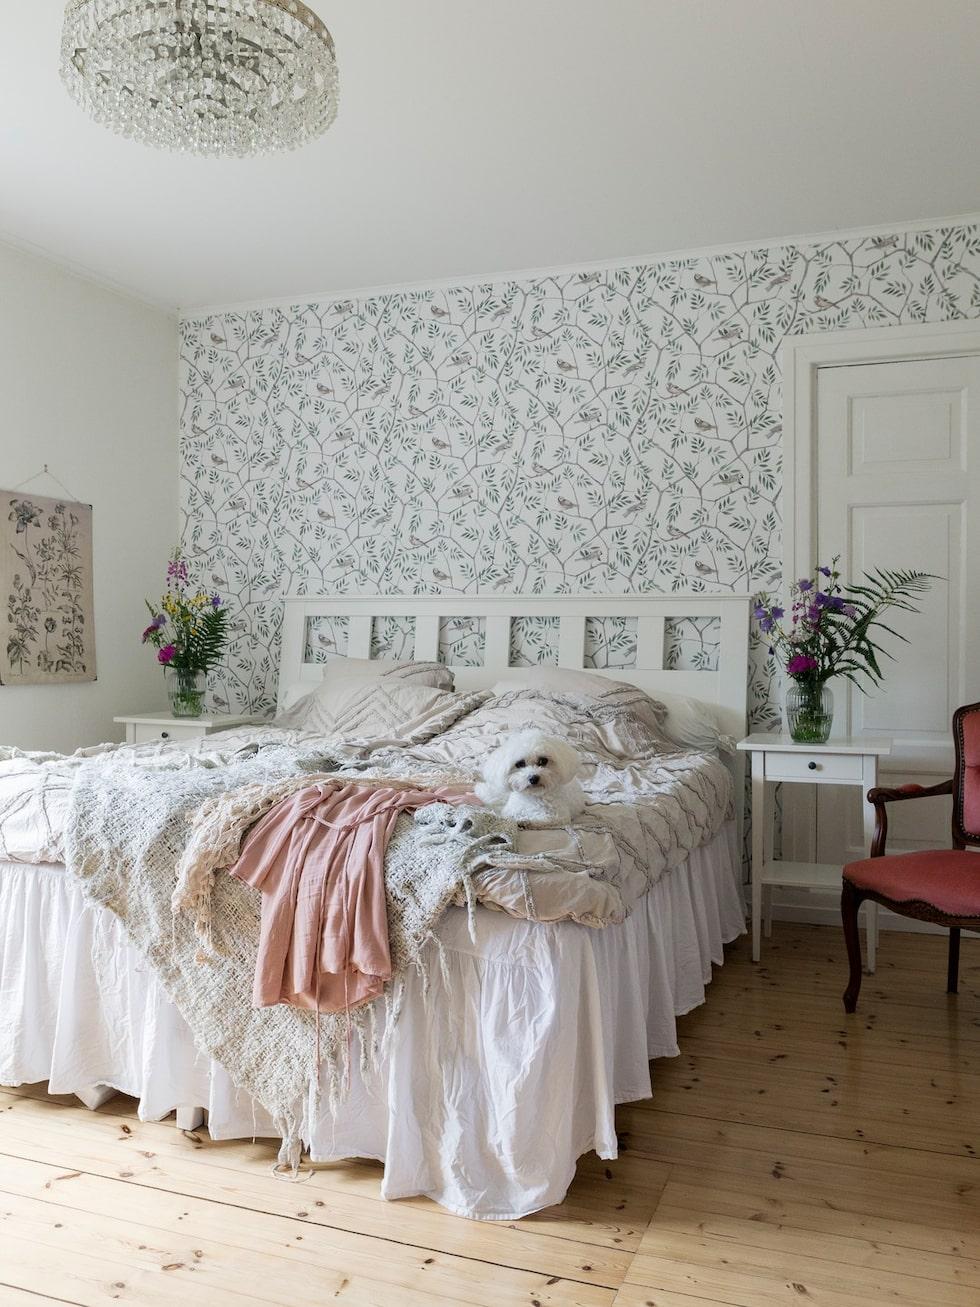 Sovrummet är tapetserat med August ur kollektionen Morgongåva från Midbeck. Lilla Saga tar gärna en tupplur på parets säng, när hon får möjlighet till det.